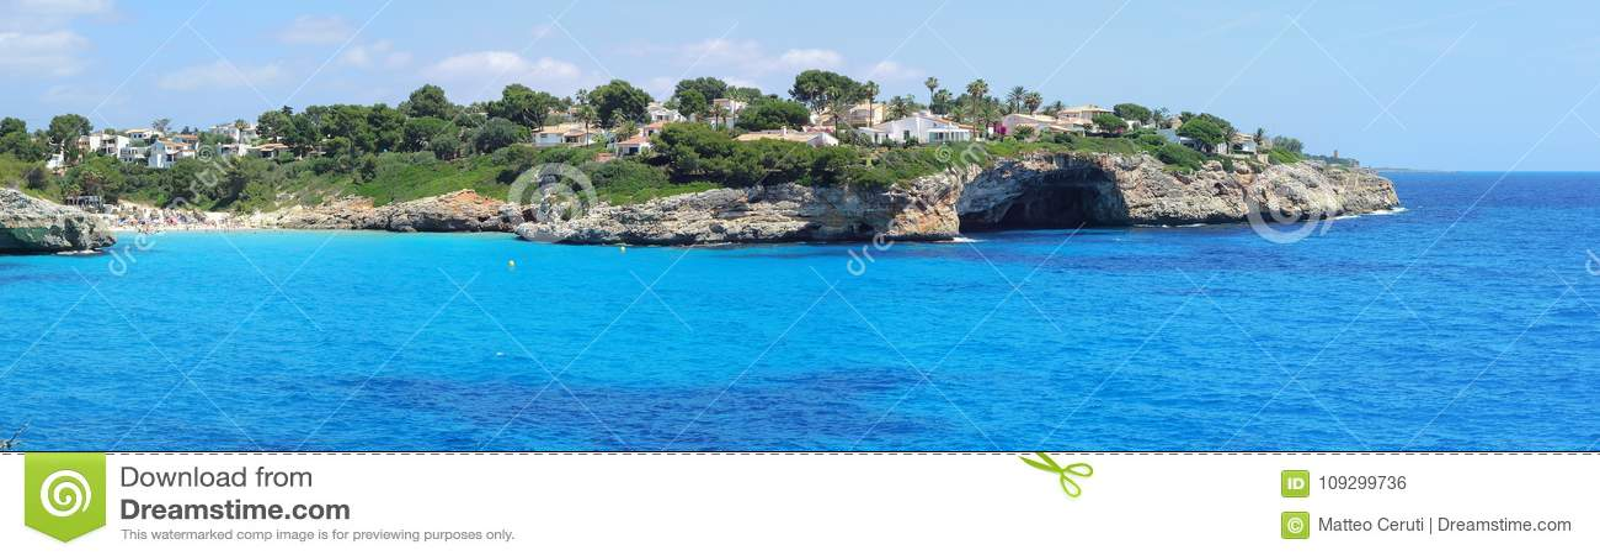 Krajobraz piękna zatoka Cala Anguila z cudownym turkusowym morzem, Porto Cristo, Majorca, Hiszpania